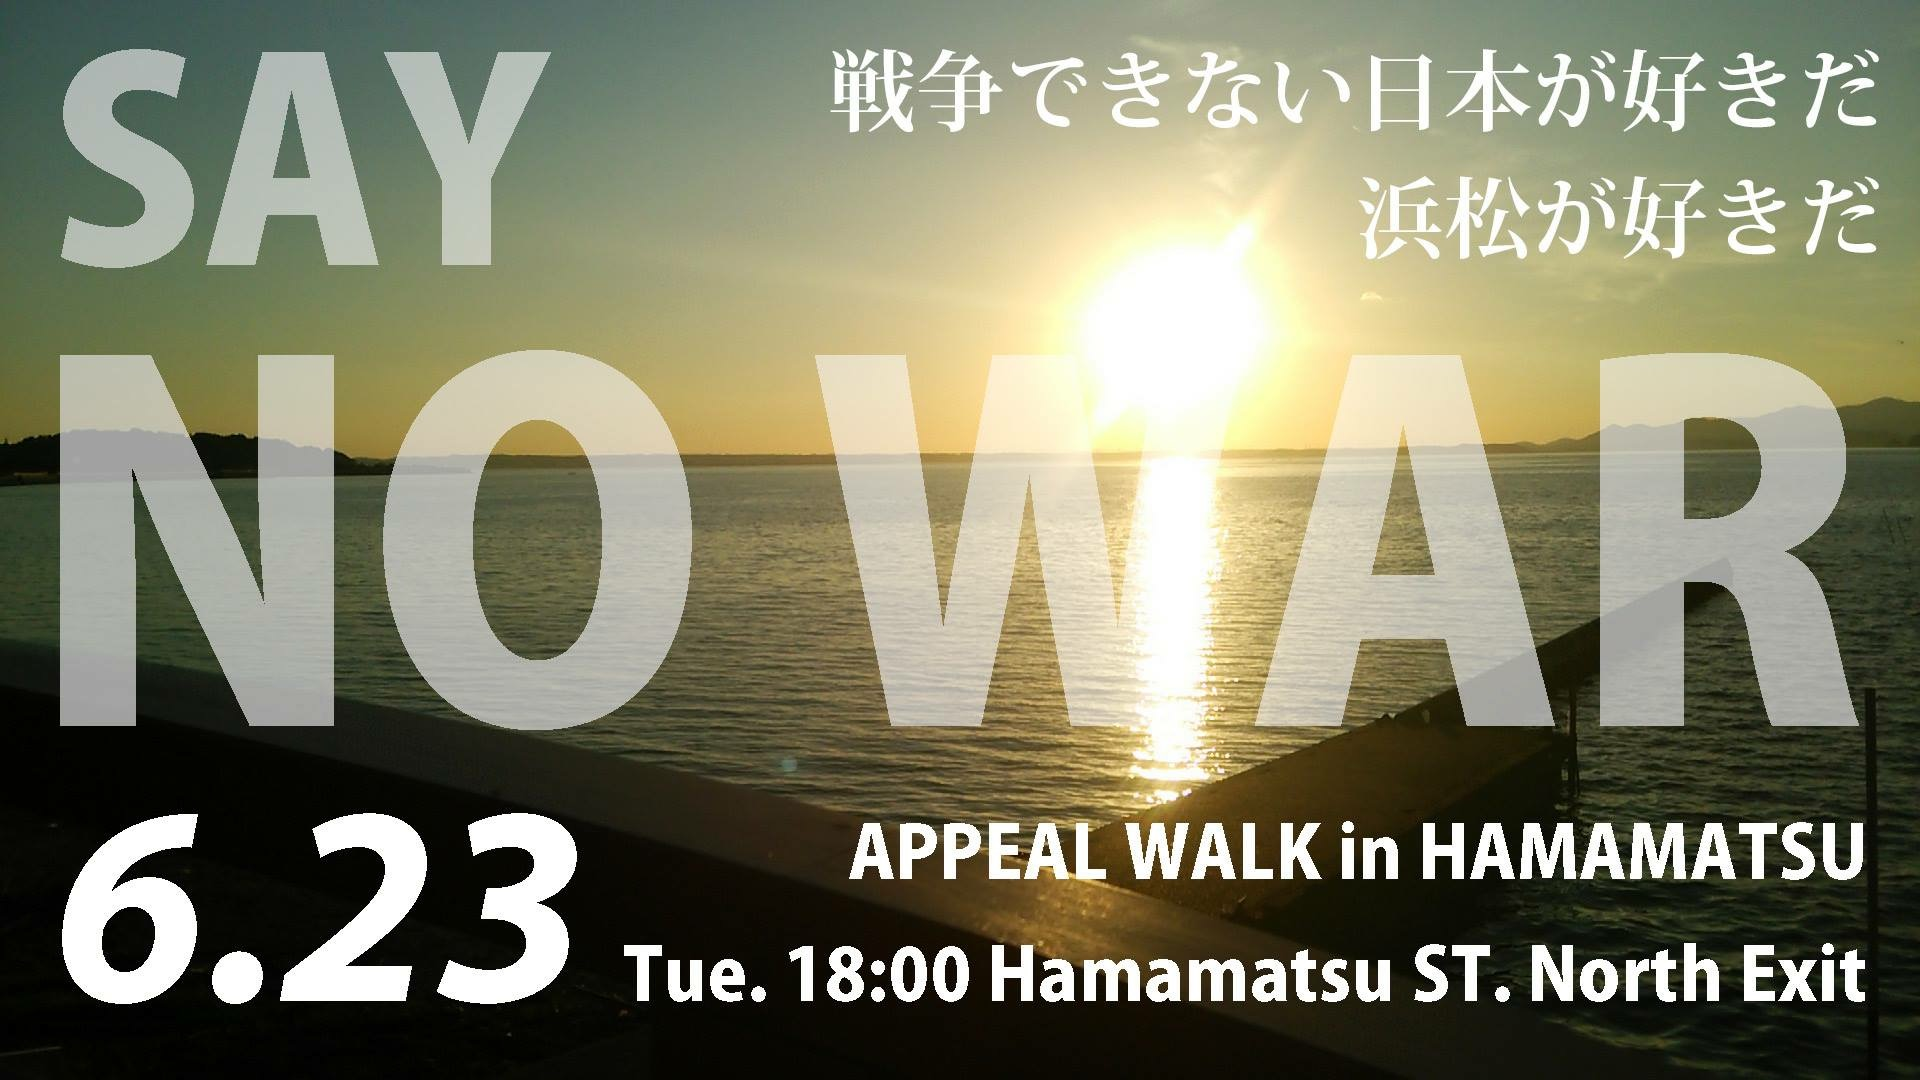 15.6.23浜松アピールウォーク.jpg